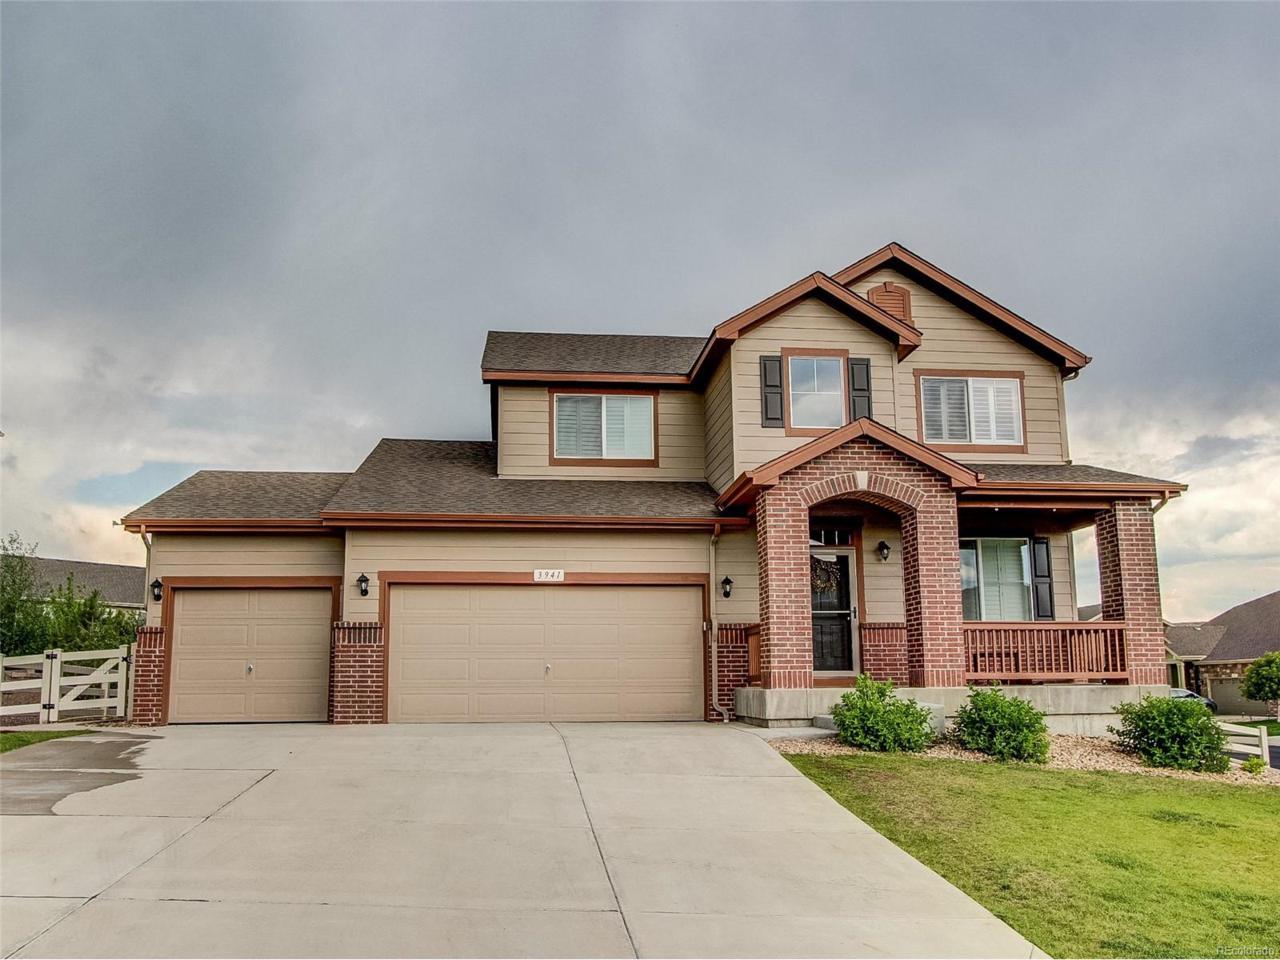 3941 Heatherglenn Lane, Castle Rock, CO 80104 (MLS #9067128) :: 8z Real Estate